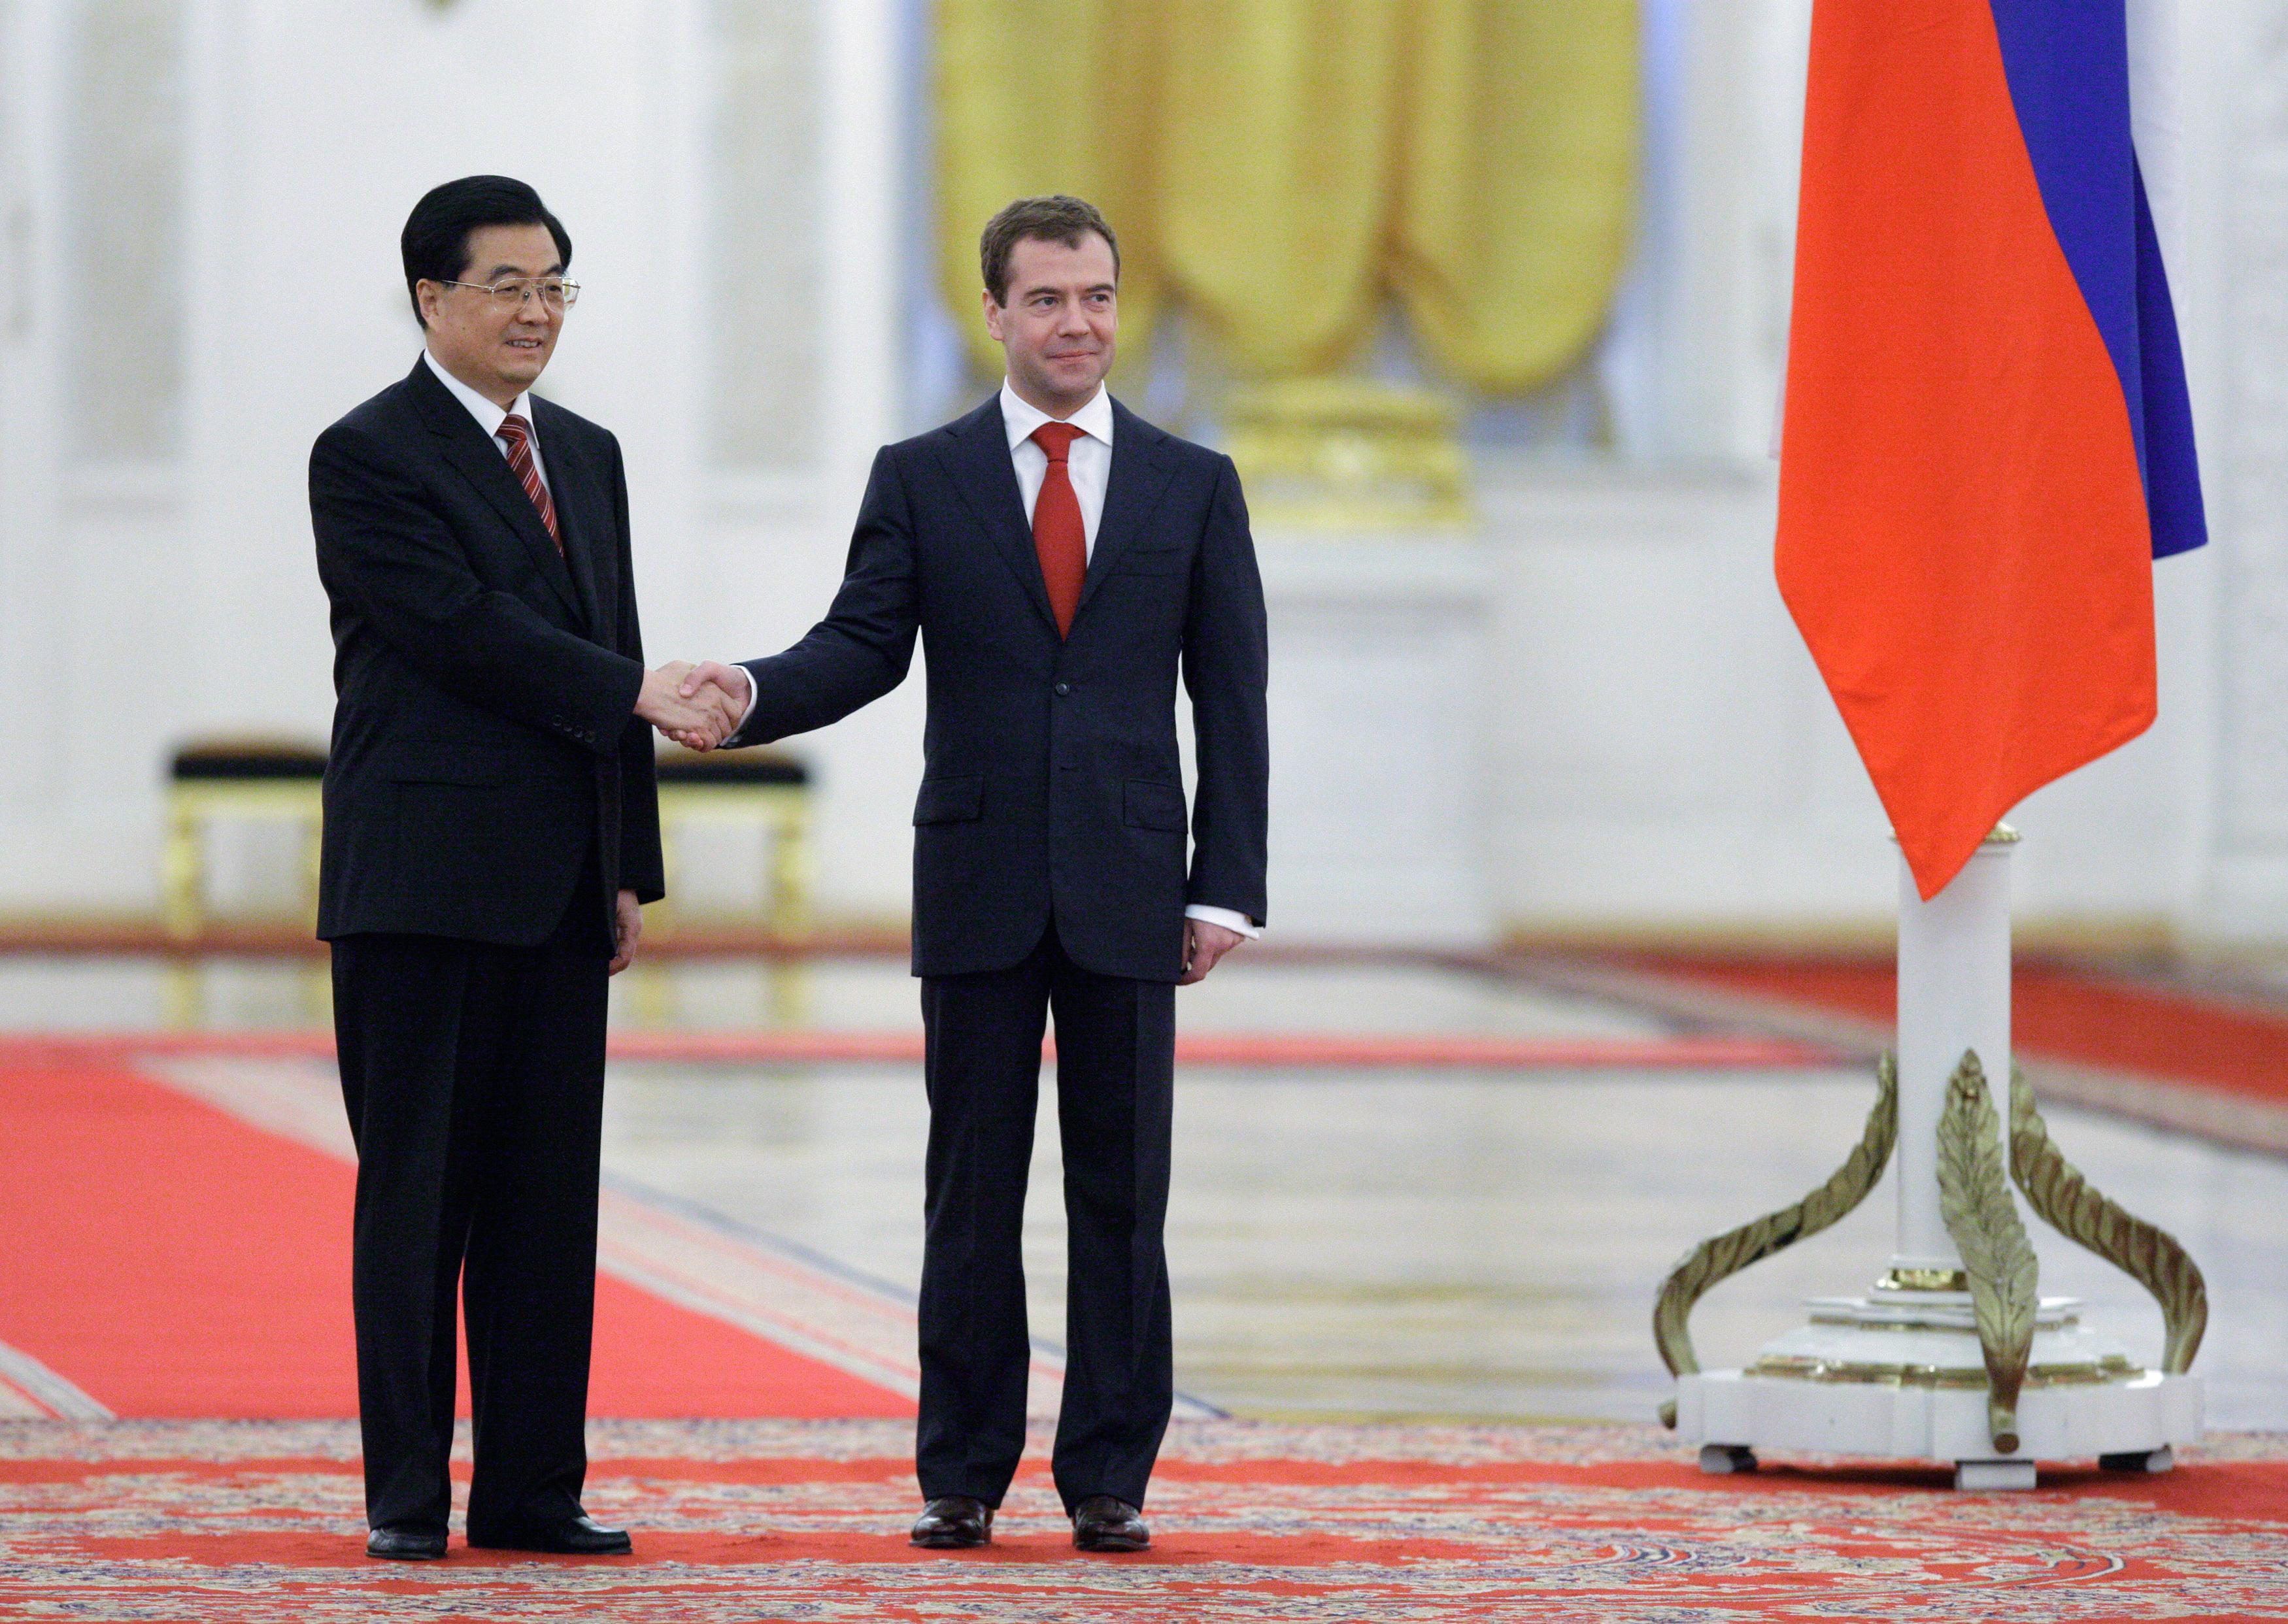 Итогом  российско-китайской встречи стал  меморандум о взаимопонимании